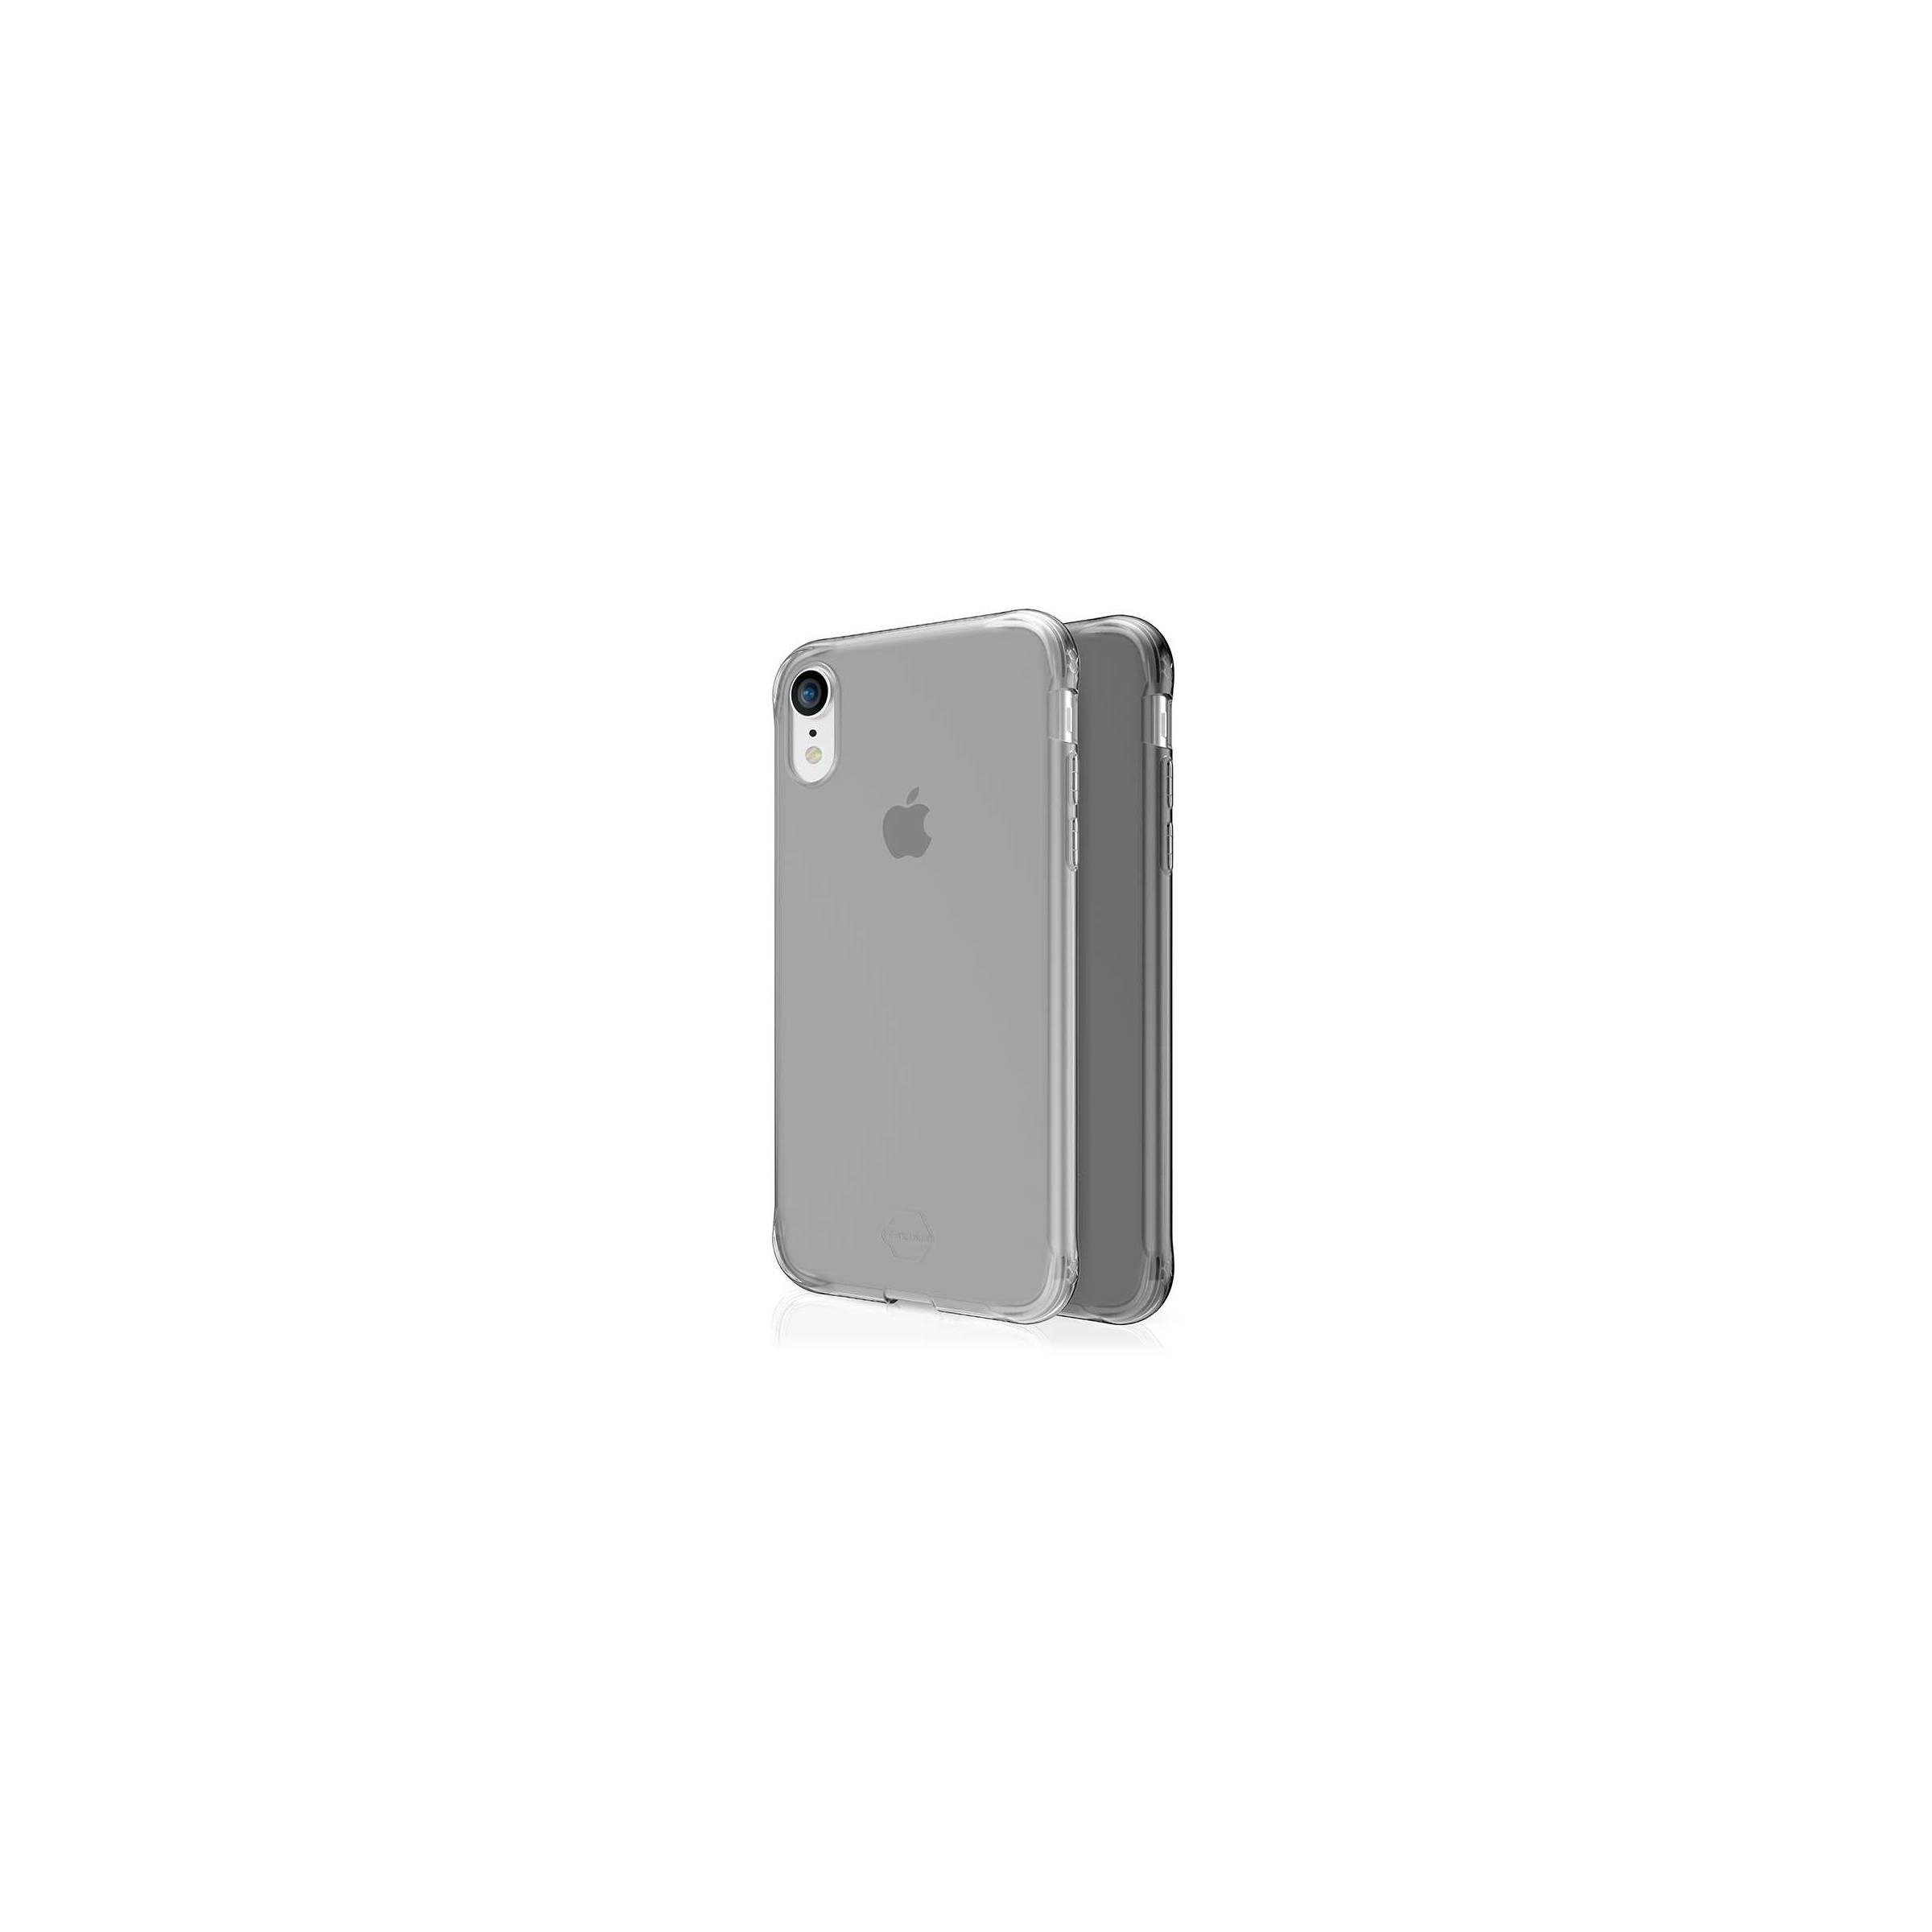 Itskins slim silikone protect gel iphone xr cover dobbelt 2x pakke farve klar & sort fra itskins fra mackabler.dk